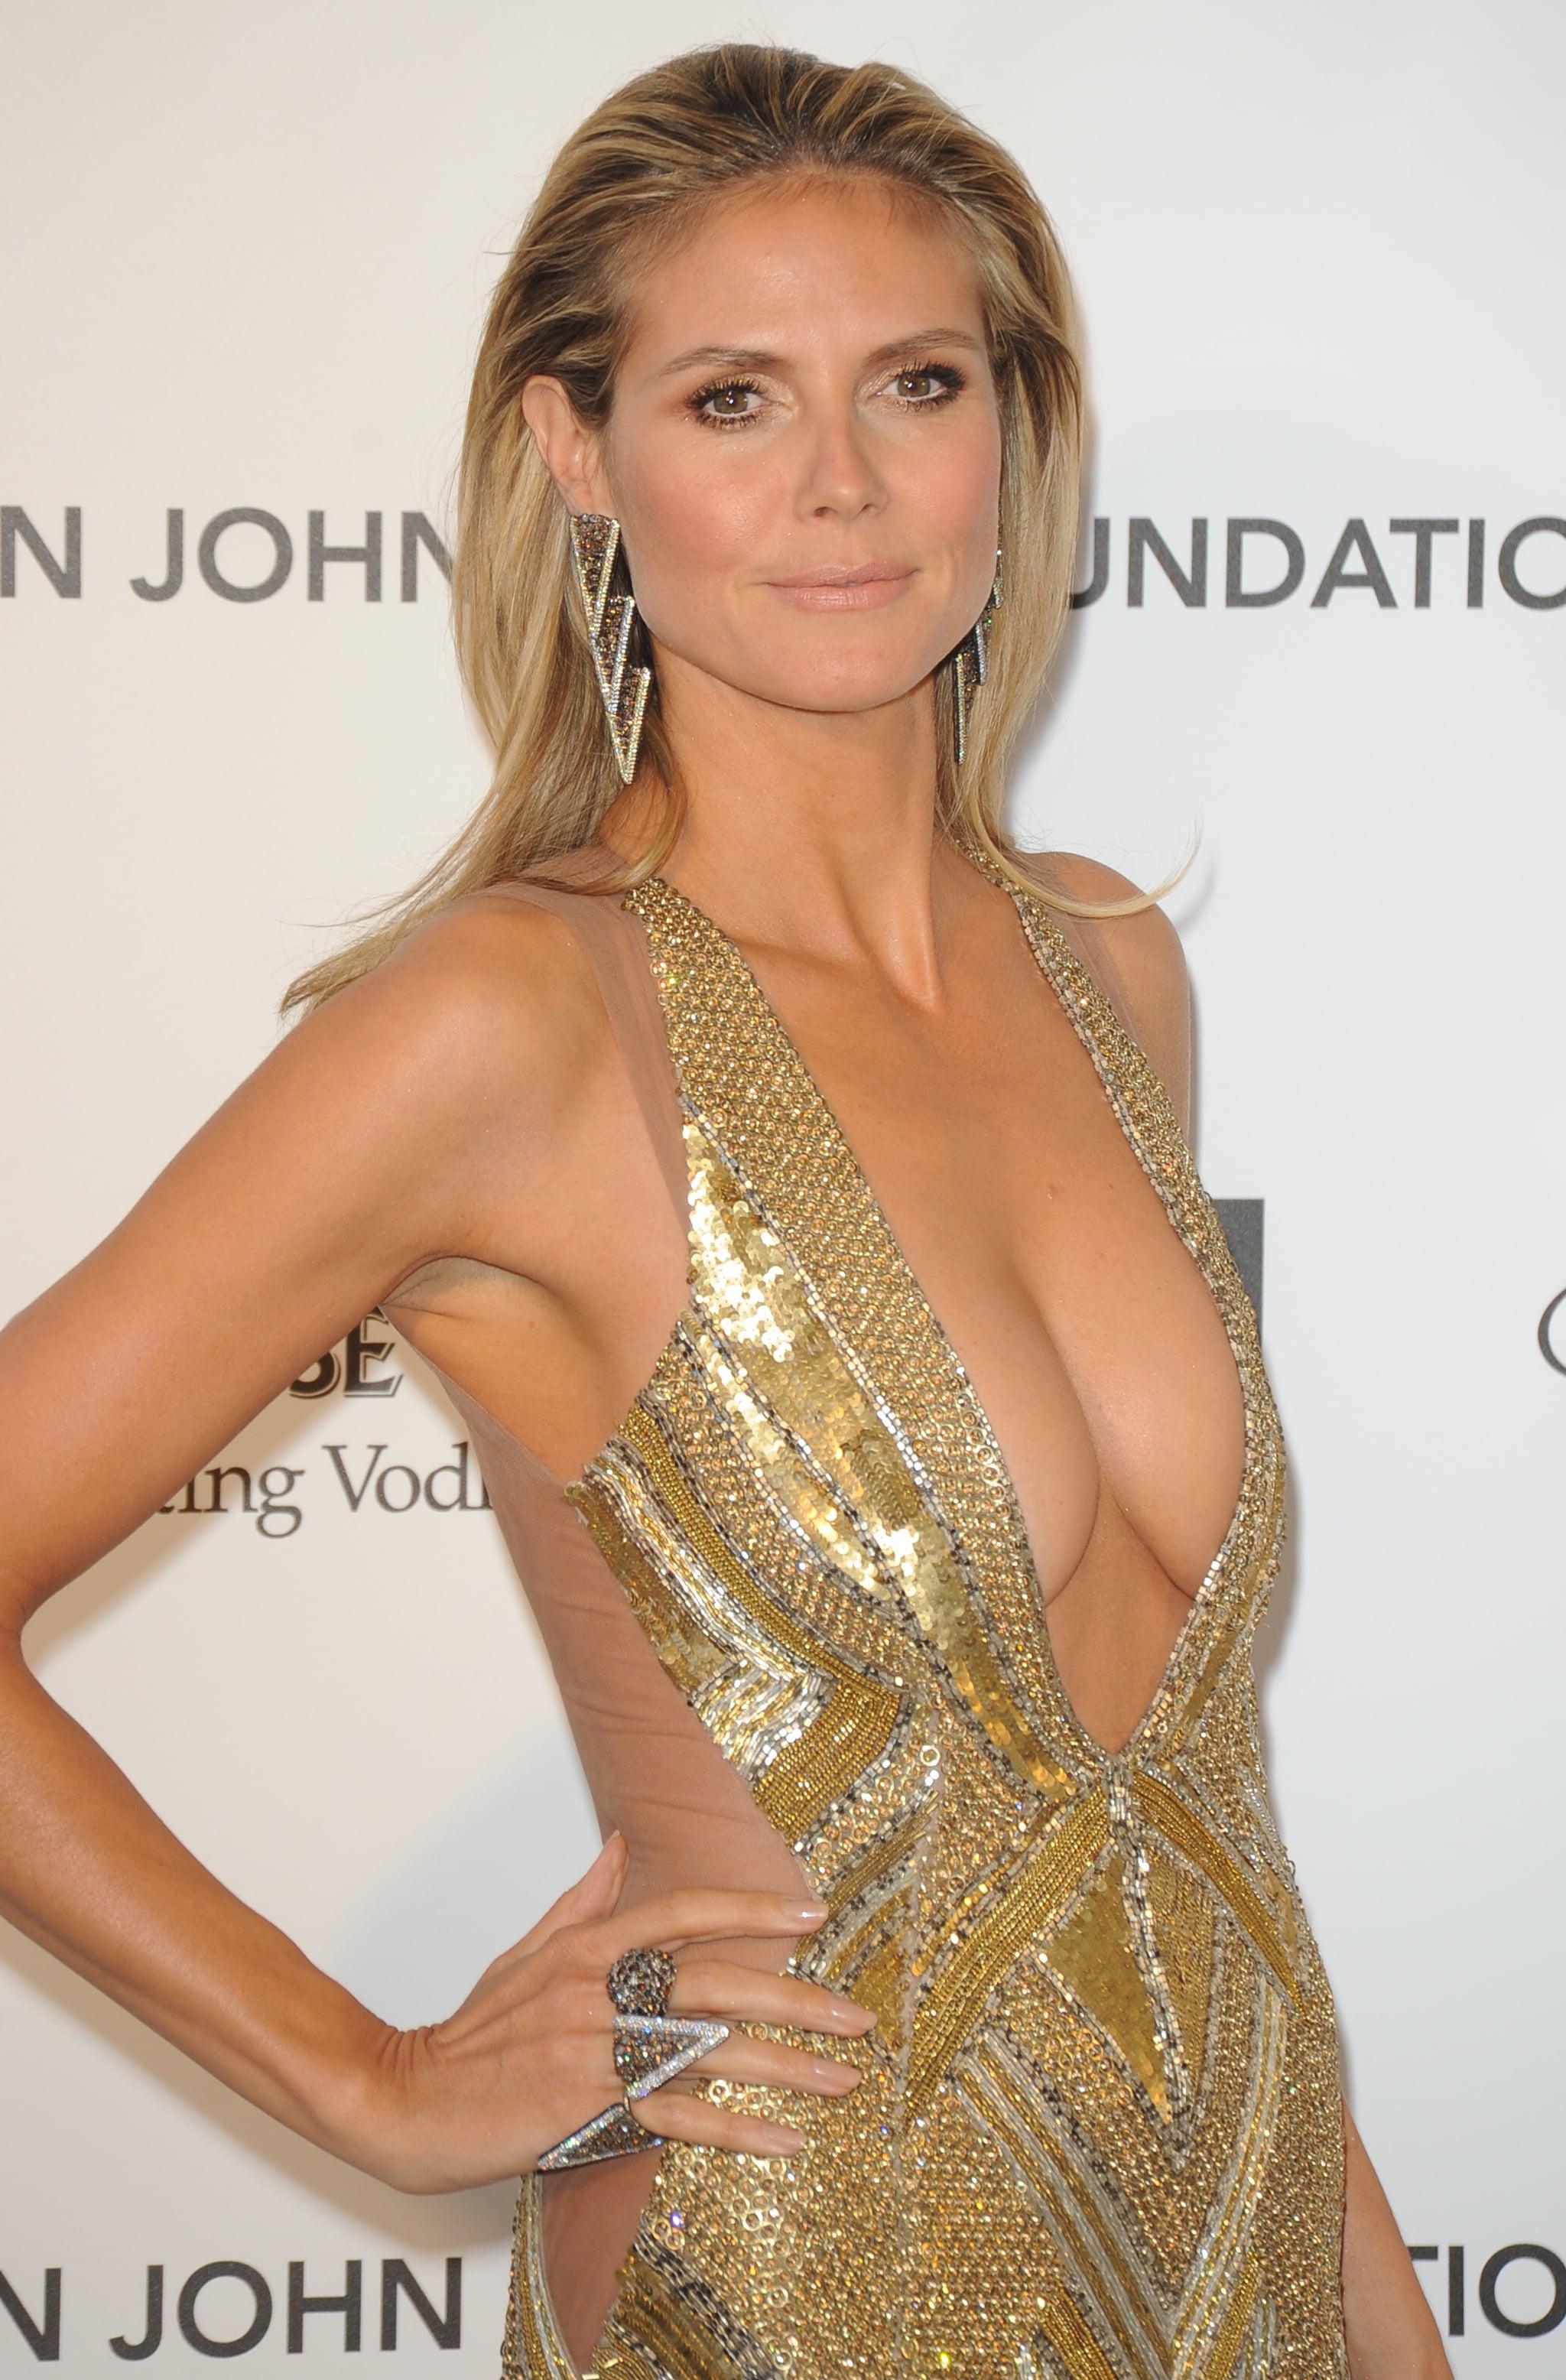 Heidi Klum at the 2013 Elton John Oscar Party.